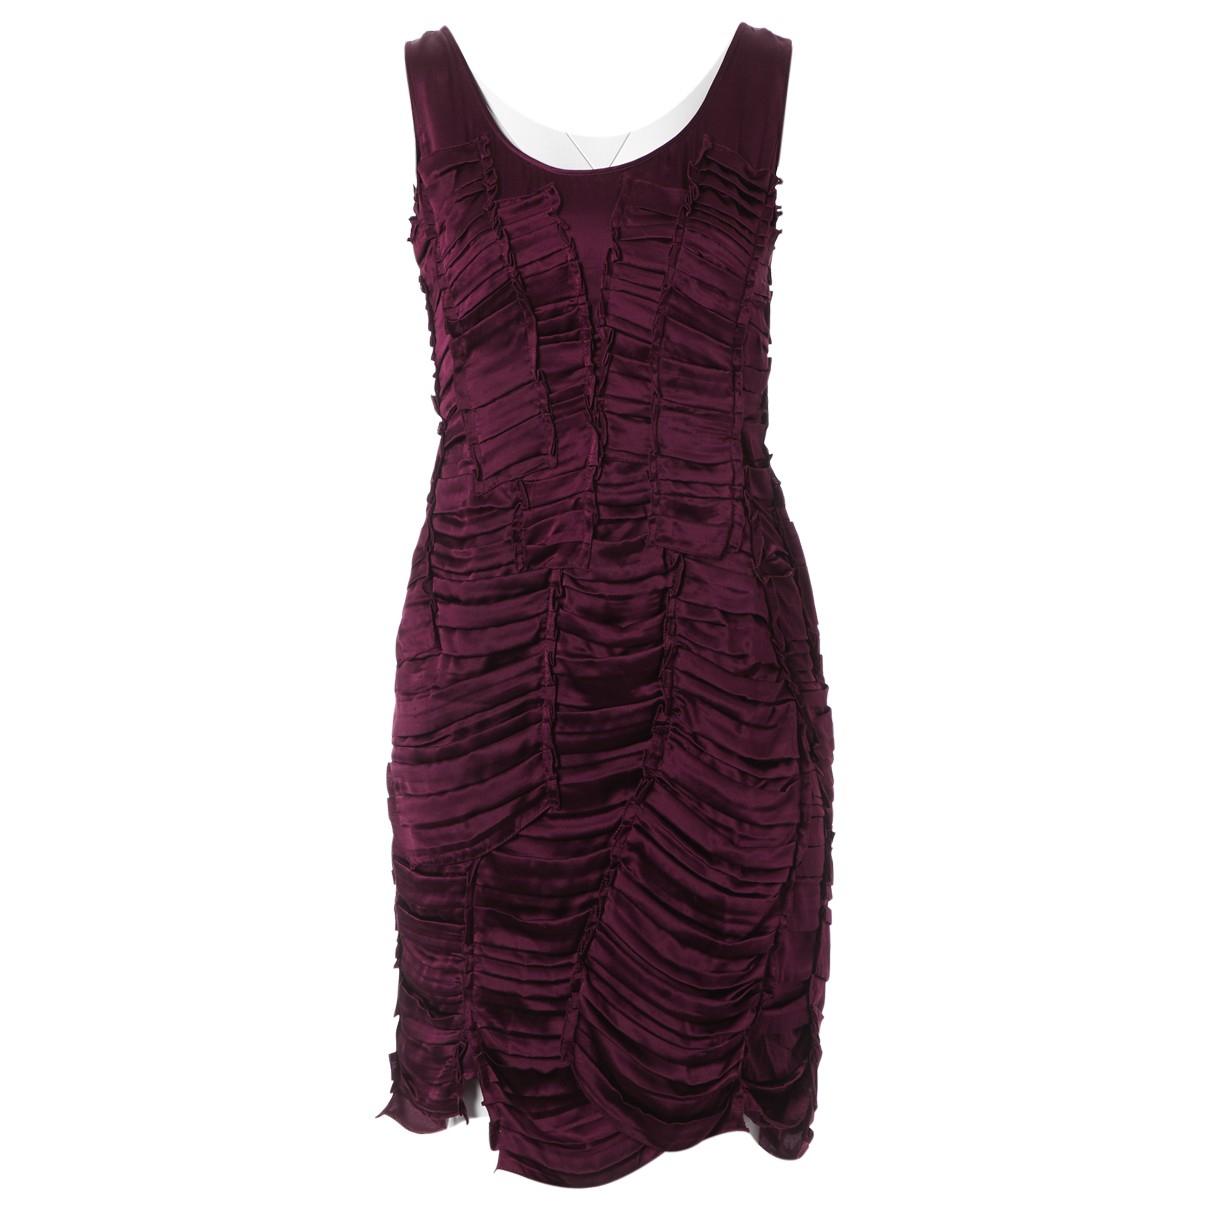 Burberry \N Kleid in  Lila Seide